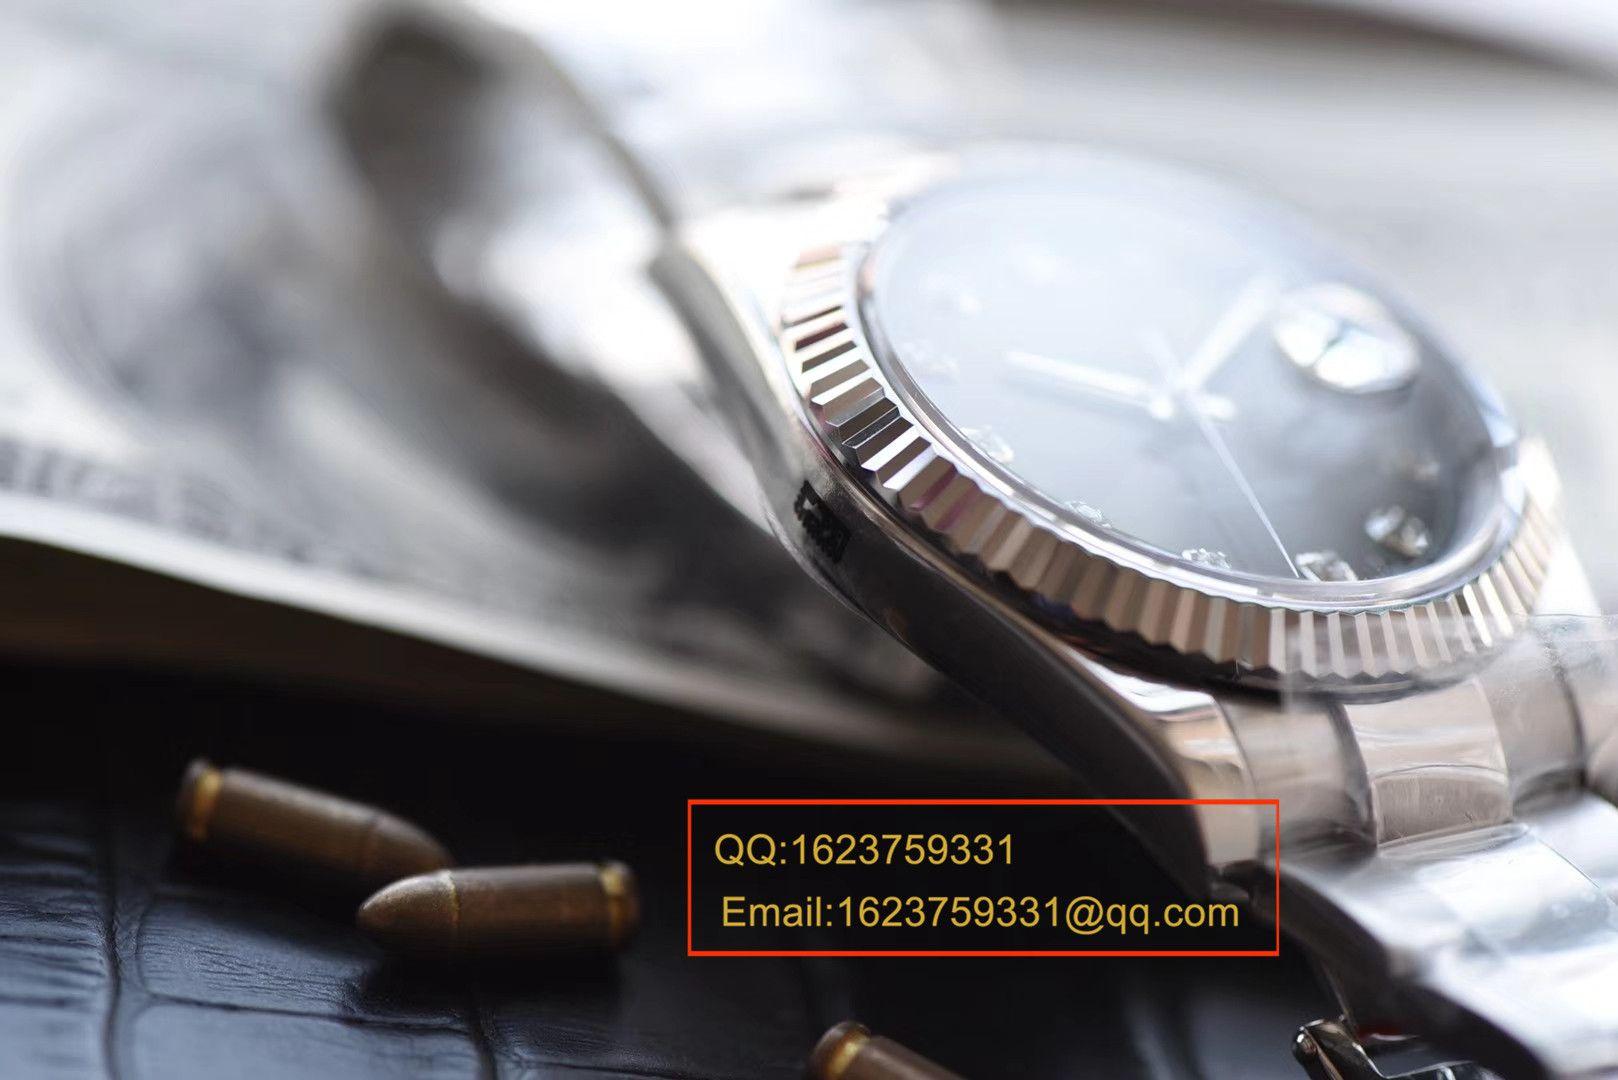 【视频评测NOOB厂1:1高仿手表】劳力士日志型系列M126334-0005腕表 / RBD071